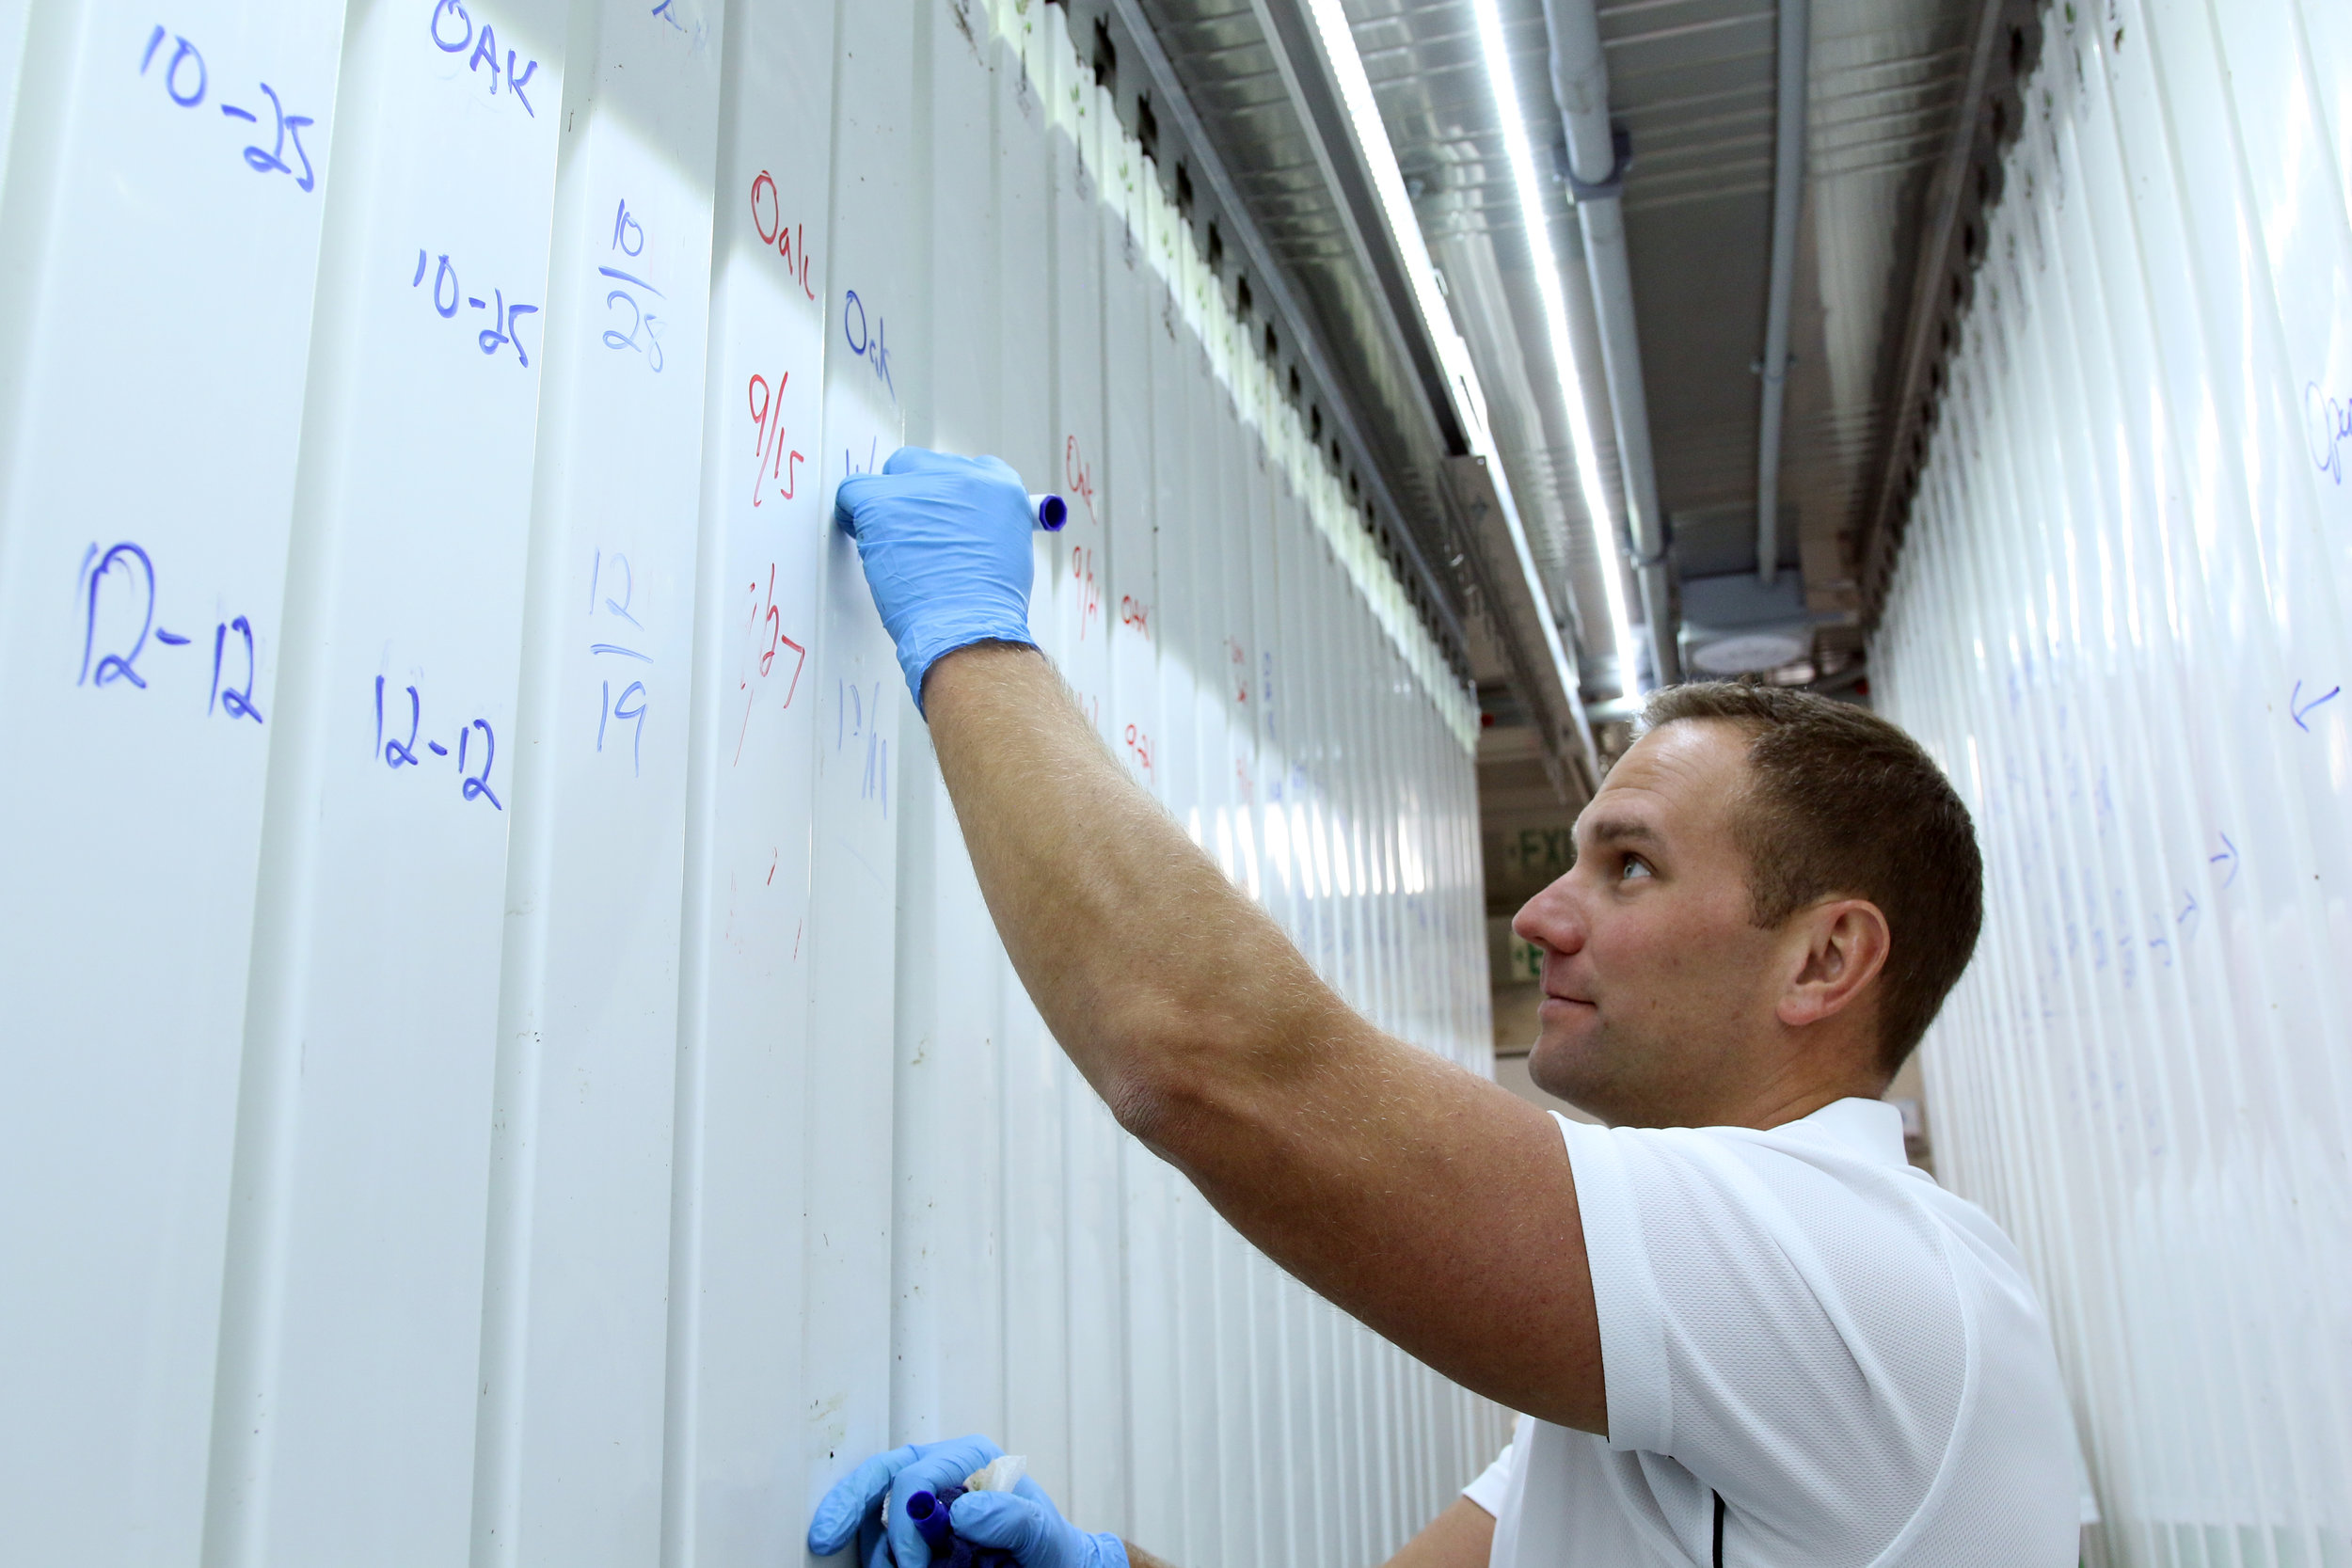 Ian keeping track of transplanted seedlings.